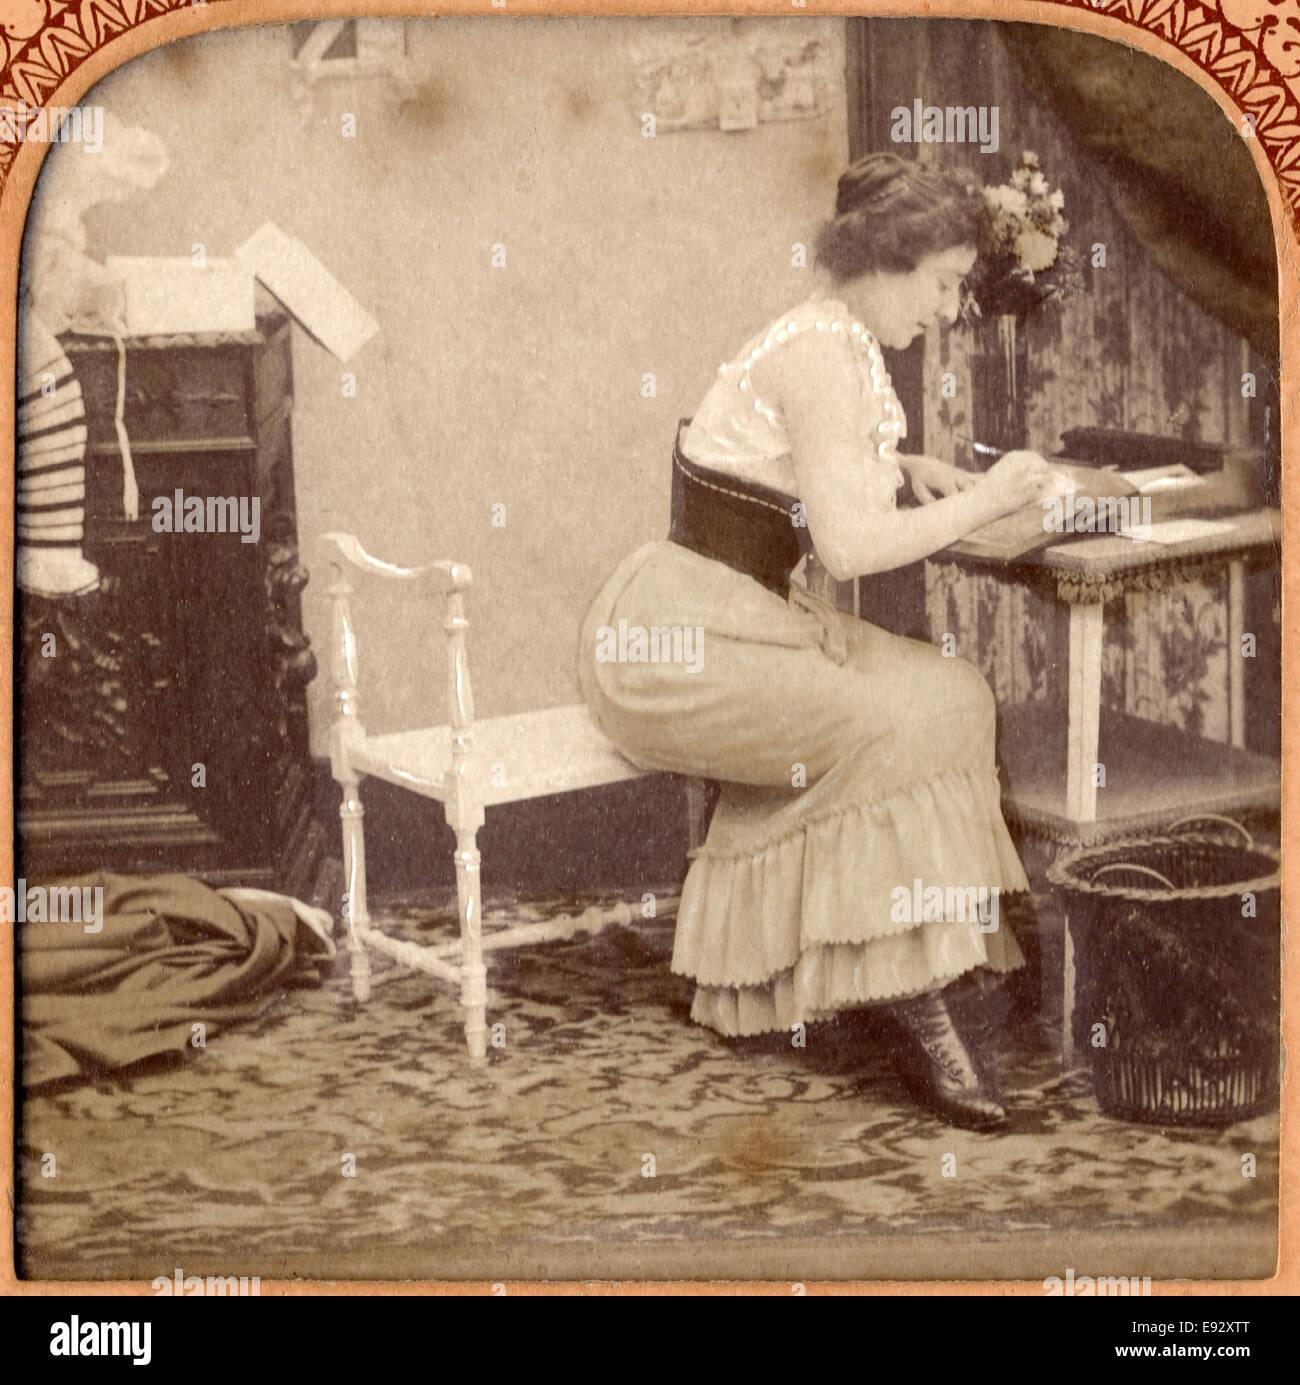 1900s woman stock photos  u0026 1900s woman stock images